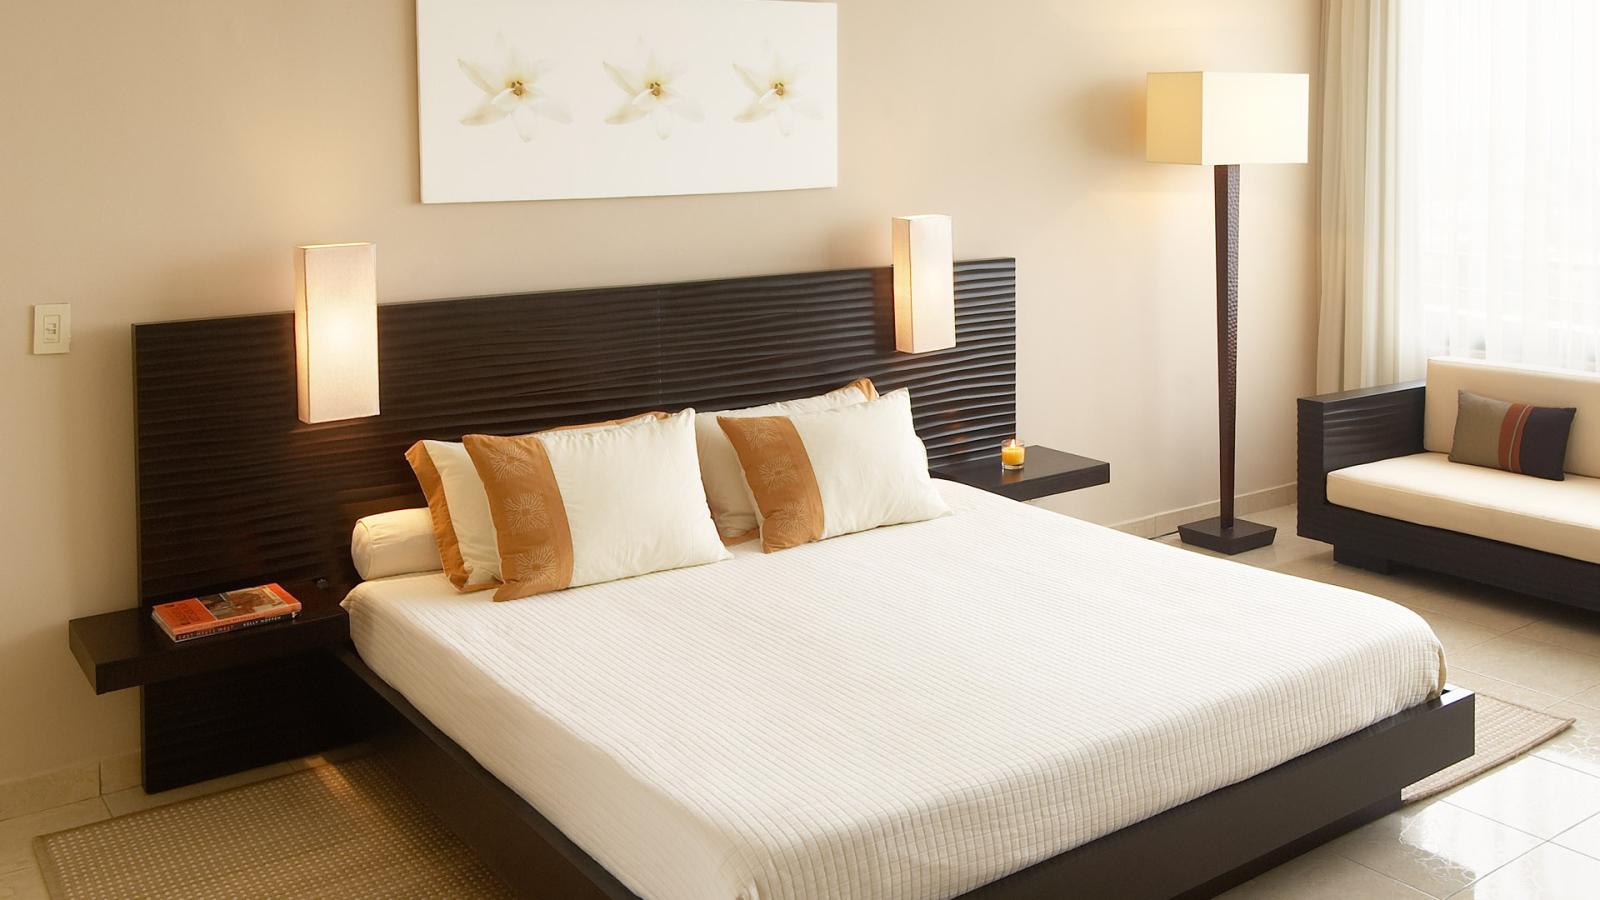 Дизайн спальни варианты фото